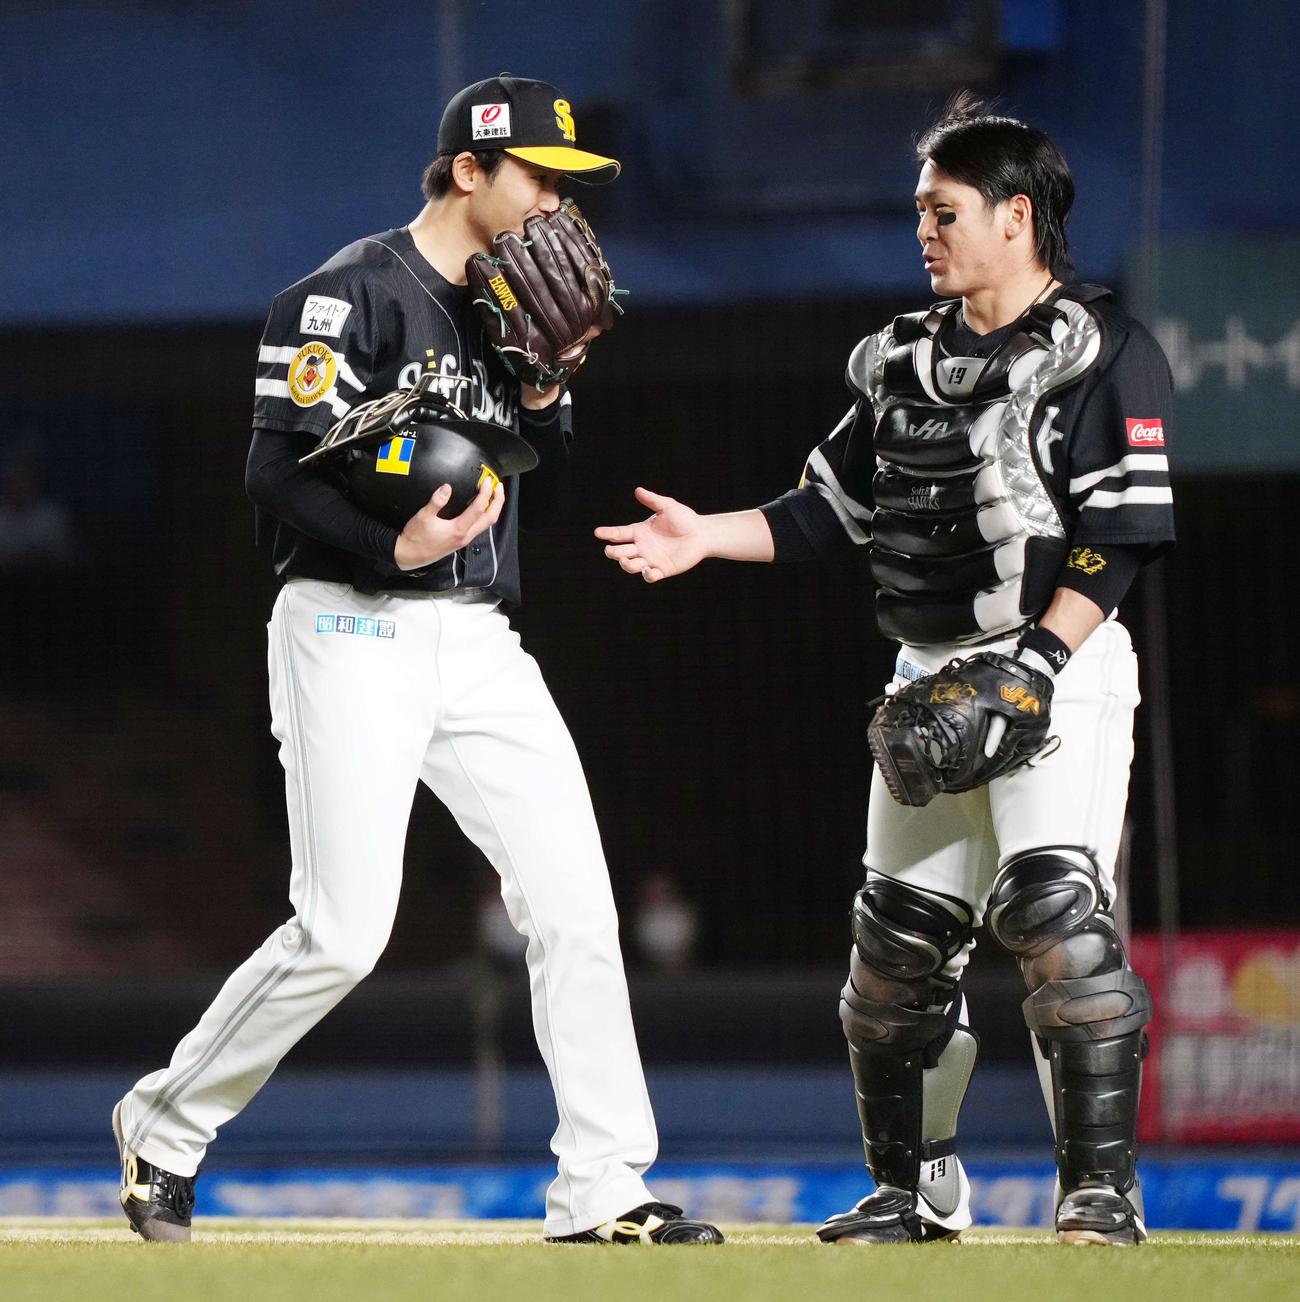 ロッテ対ソフトバンク 8回裏終了後、ソフトバンク捕手甲斐(右)にヘルメットを渡す4番手の高橋純(撮影・江口和貴)